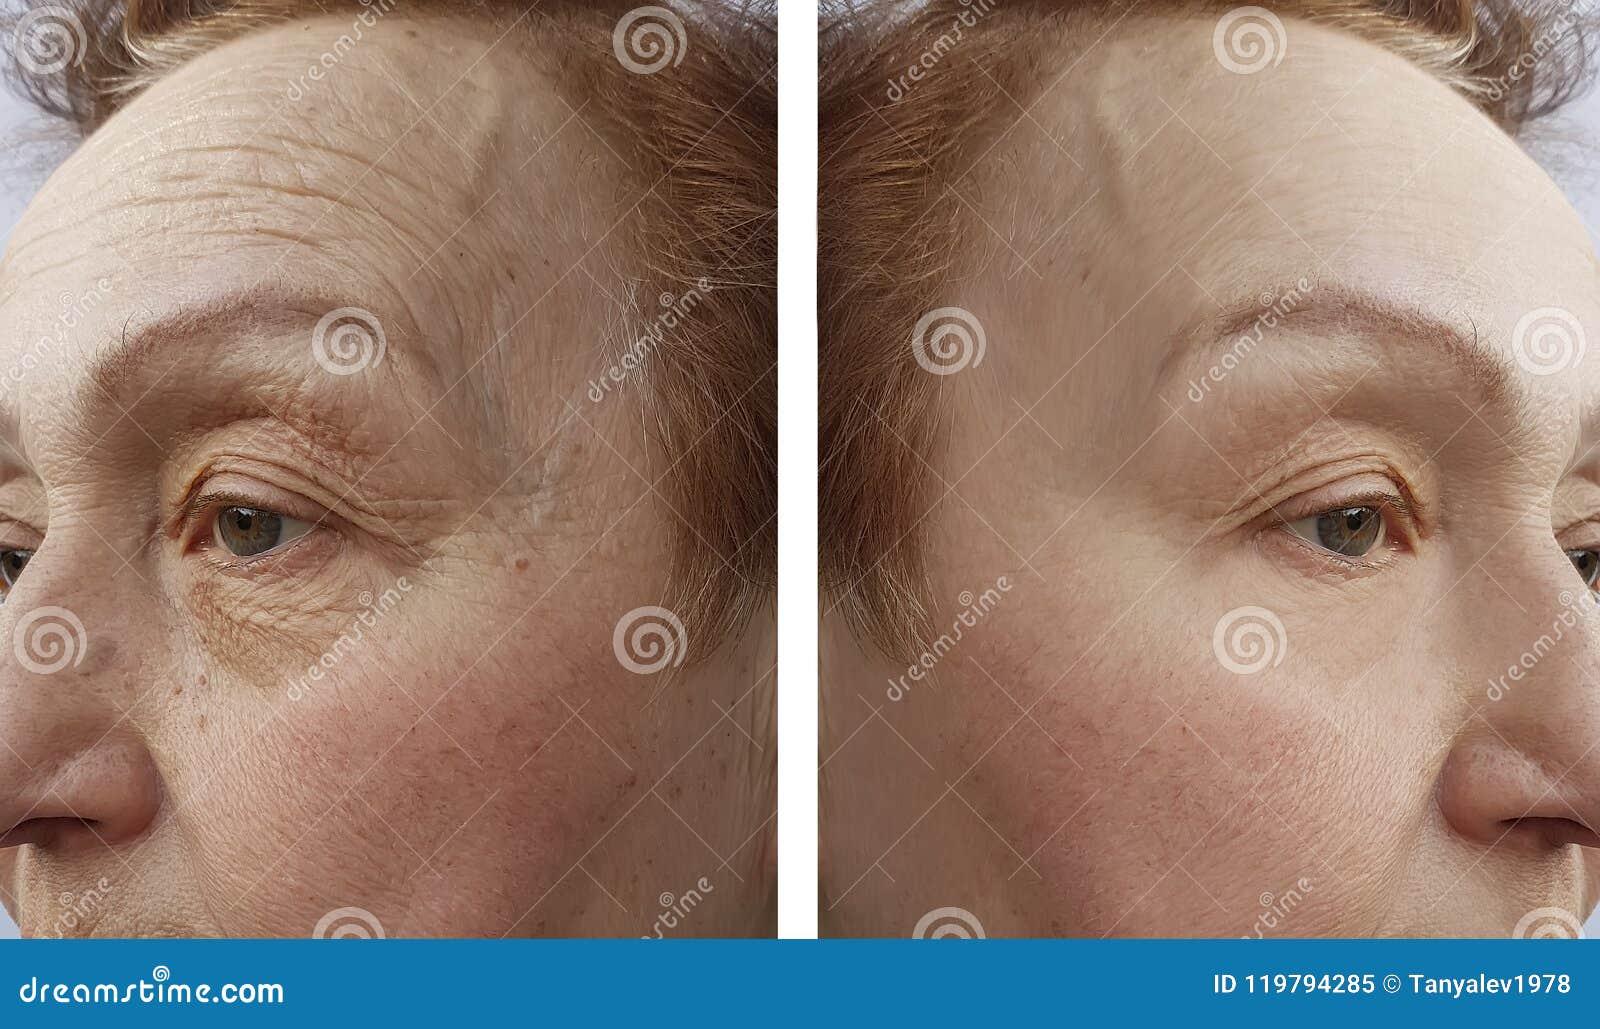 A cara de uma mulher das pessoas idosas enruga o procedimento da dermatologia antes e r aftetherapy